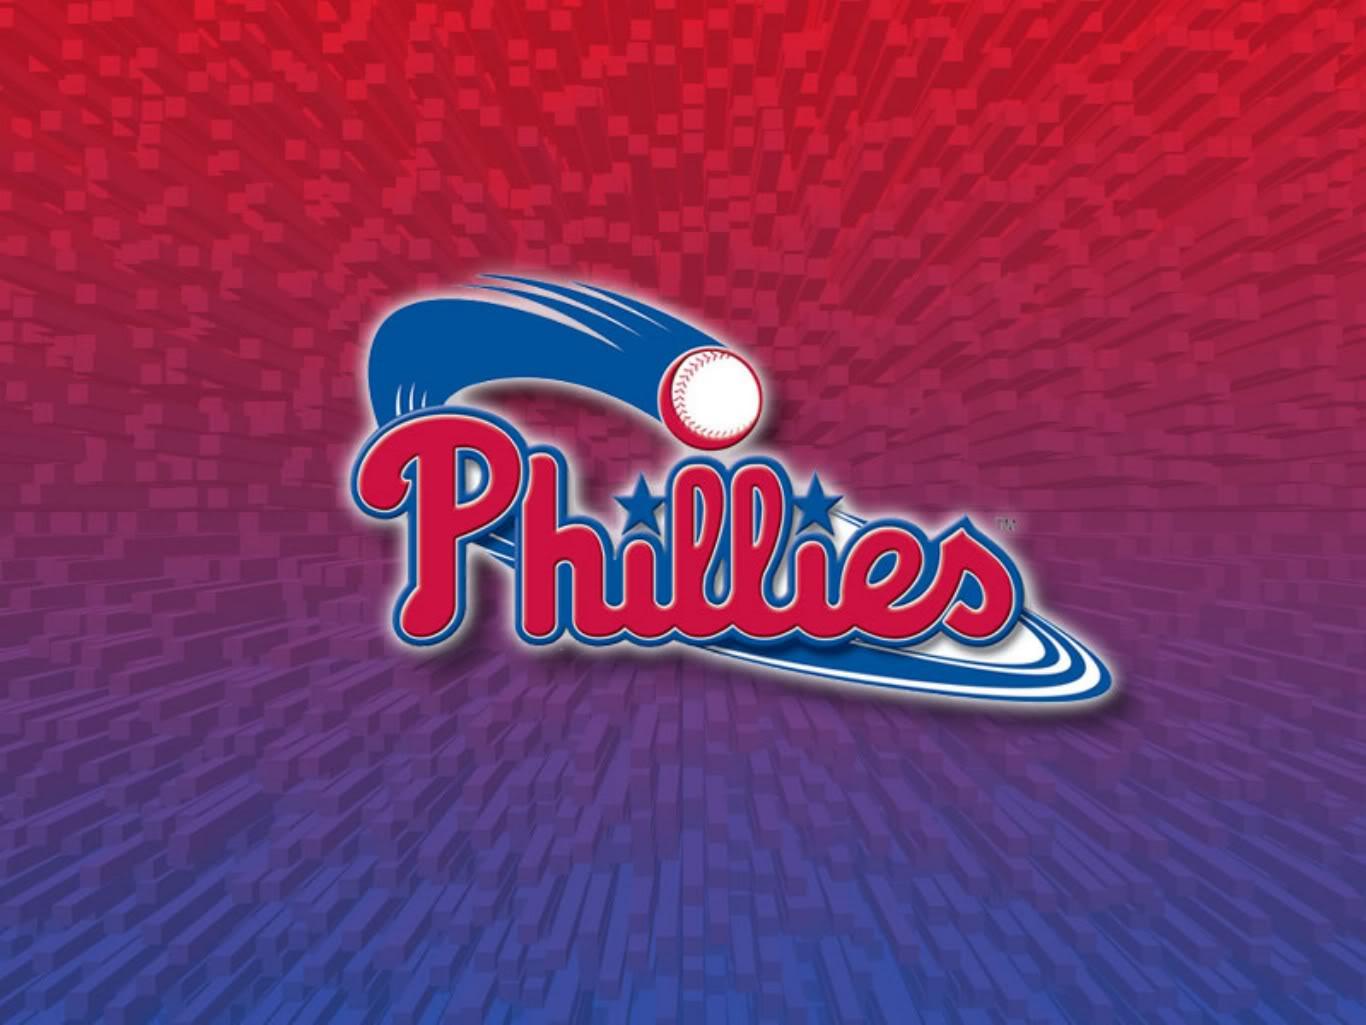 Phillies Desktop Wallpaper - WallpaperSafari